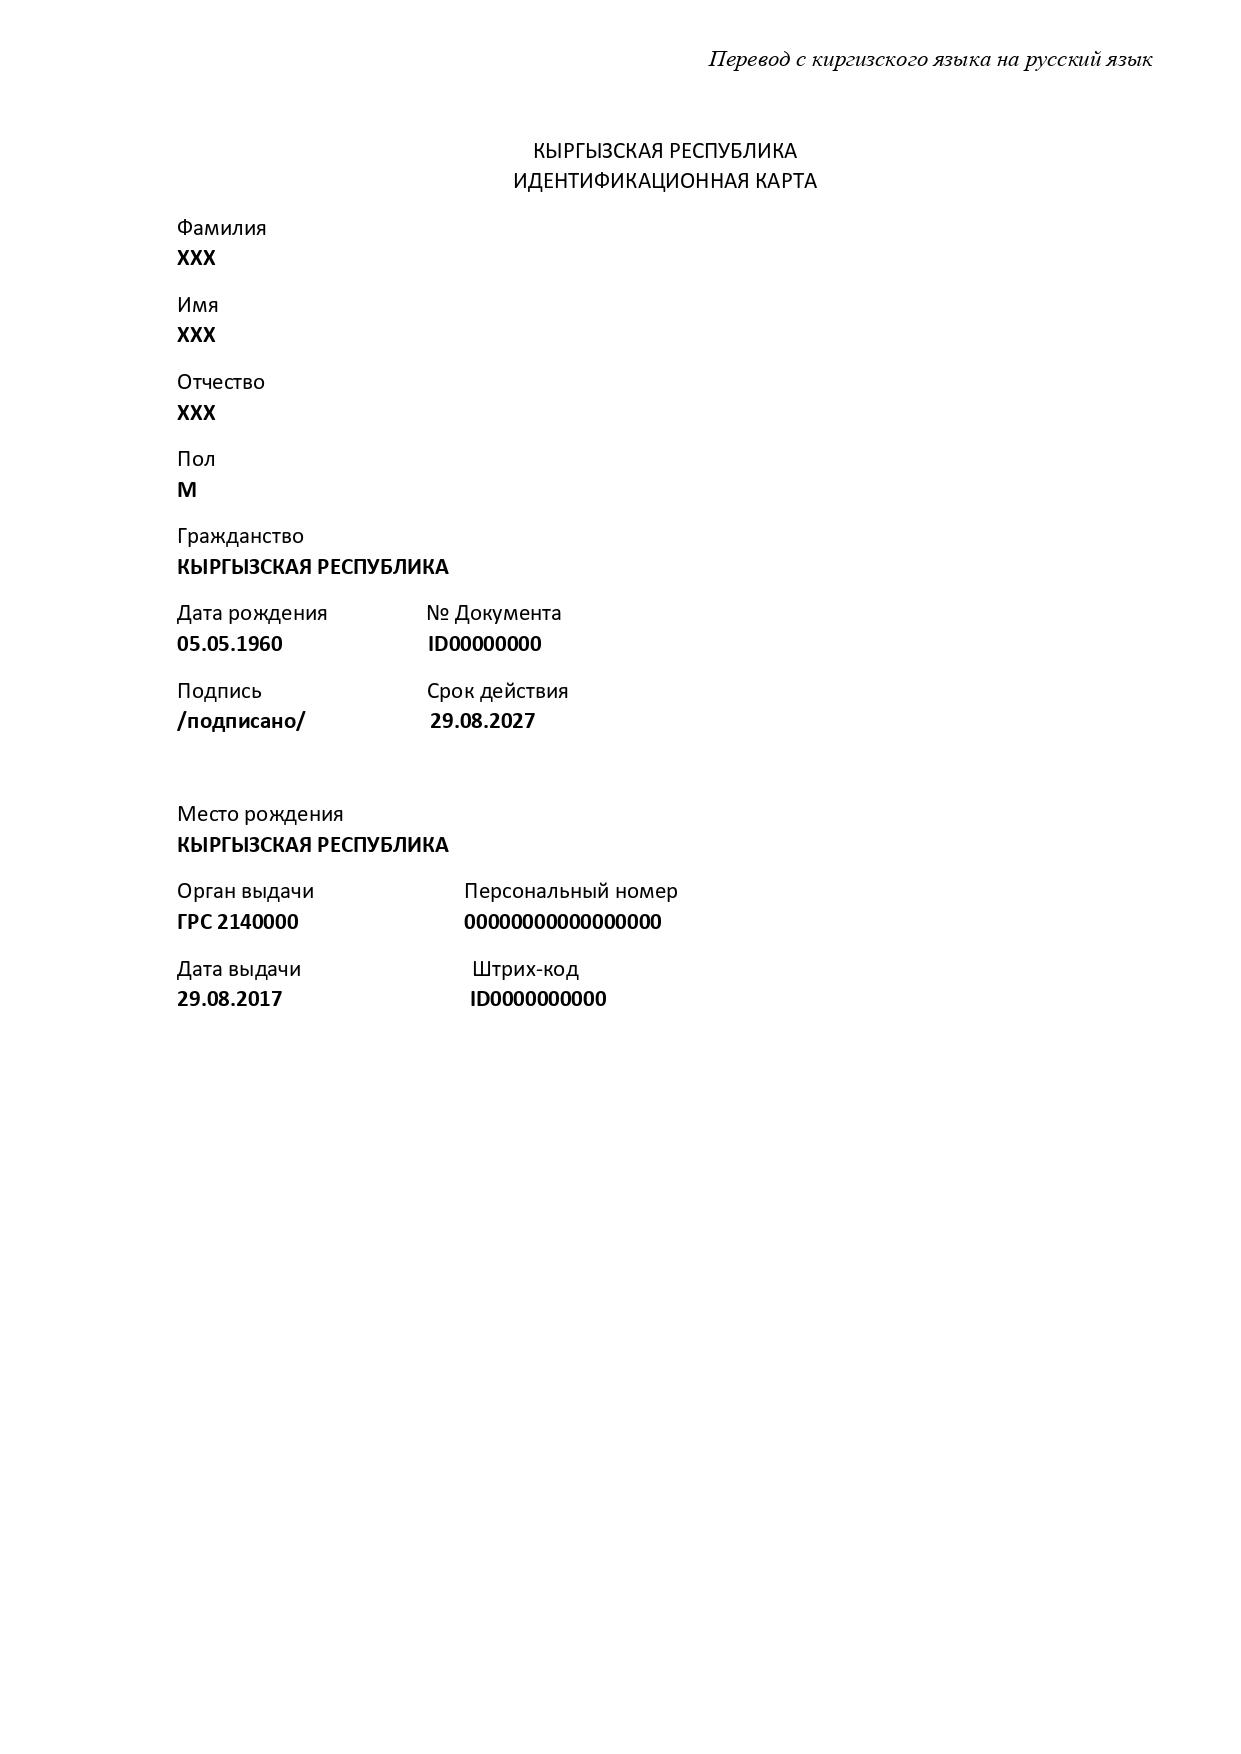 Пример перевода удостоверения личности с киргизского